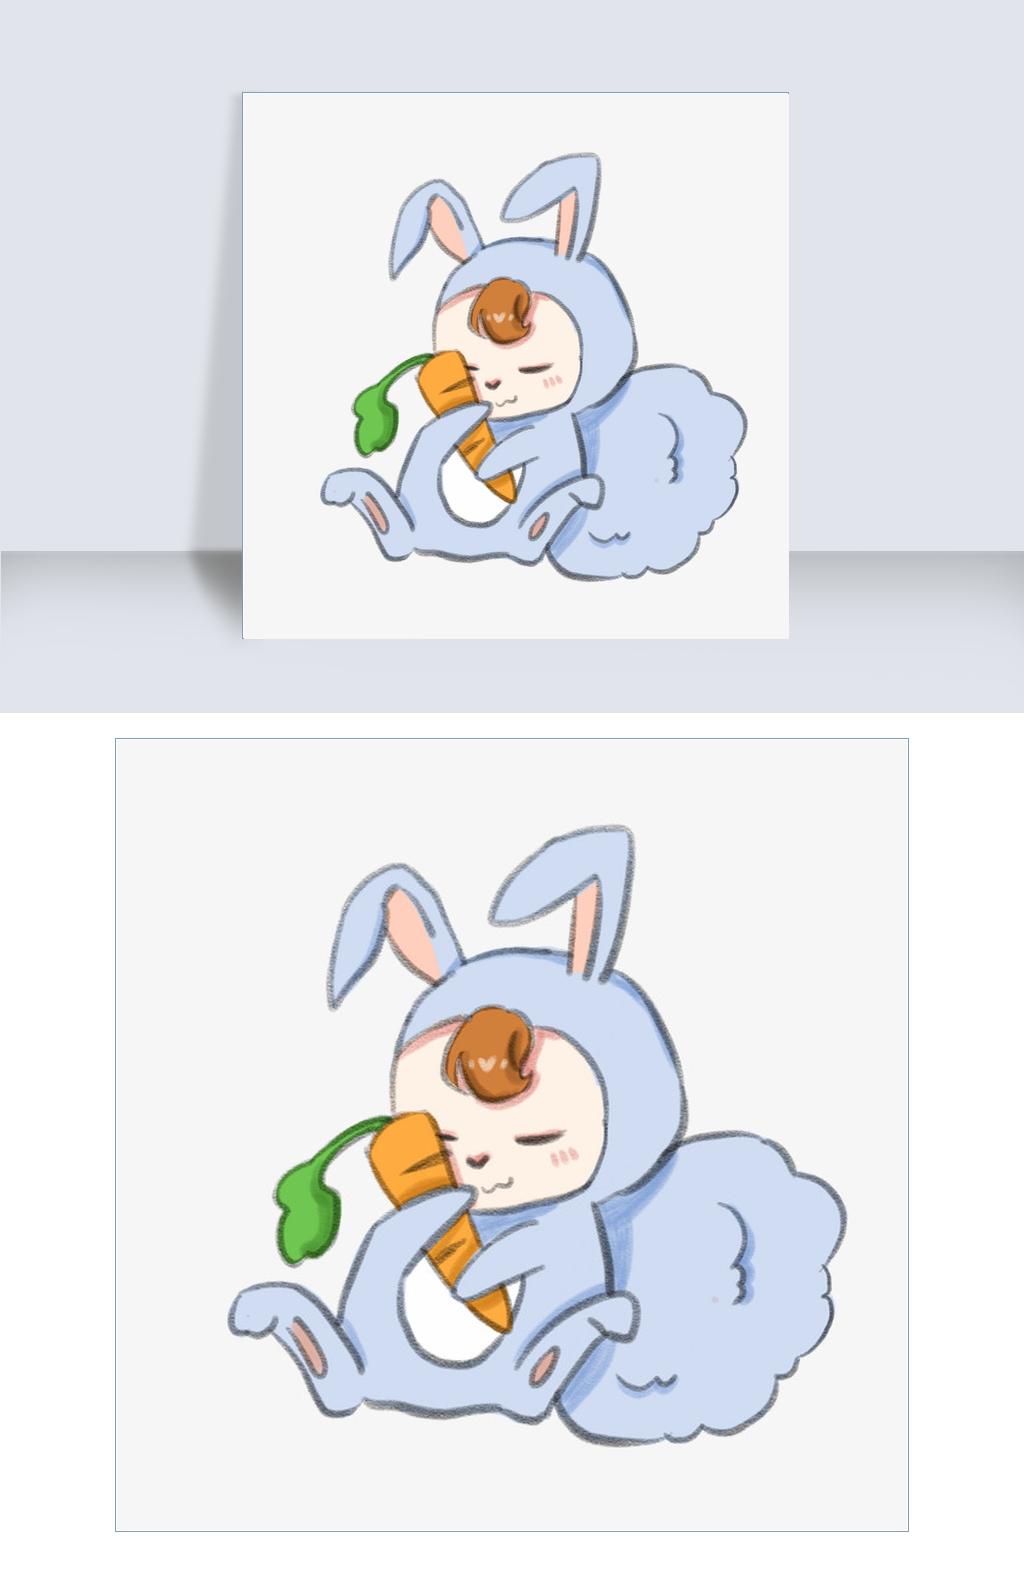 十二生肖蜡笔画 兔子图片素材 PSB格式 下载 动漫人物大全